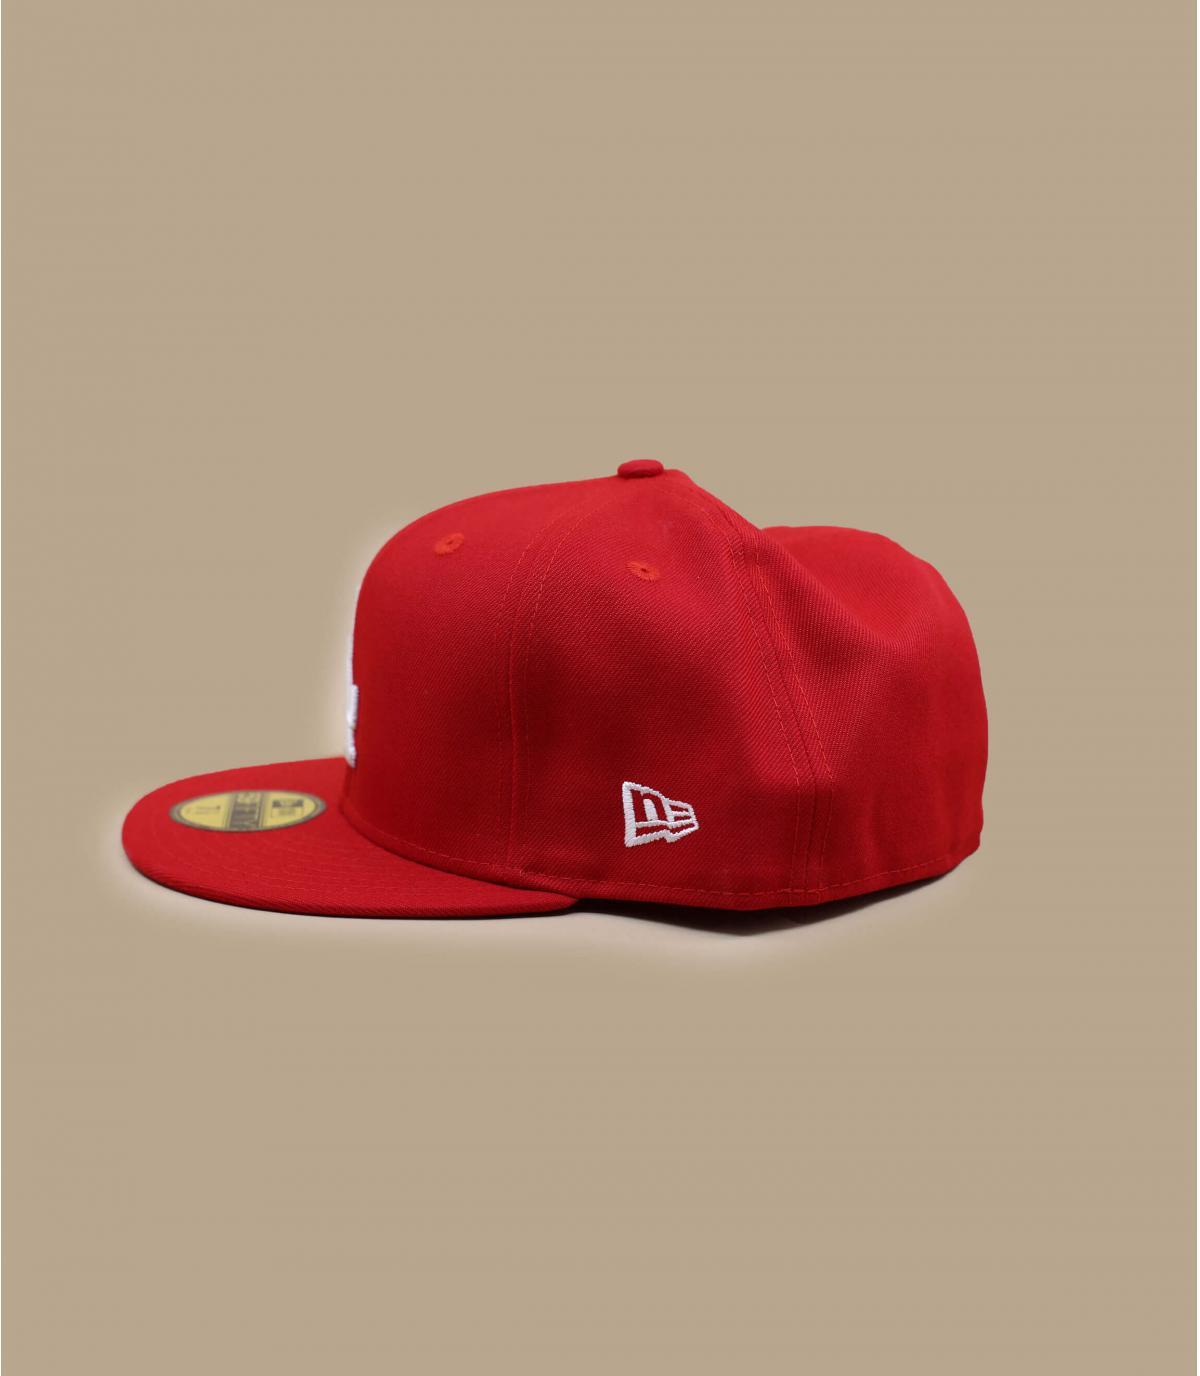 19e2ada7 sale north cap new era cap 9fifty letter rot 8f3eb a6d84; australia details  cap la rot abbildung 1 9cc92 bc0f0